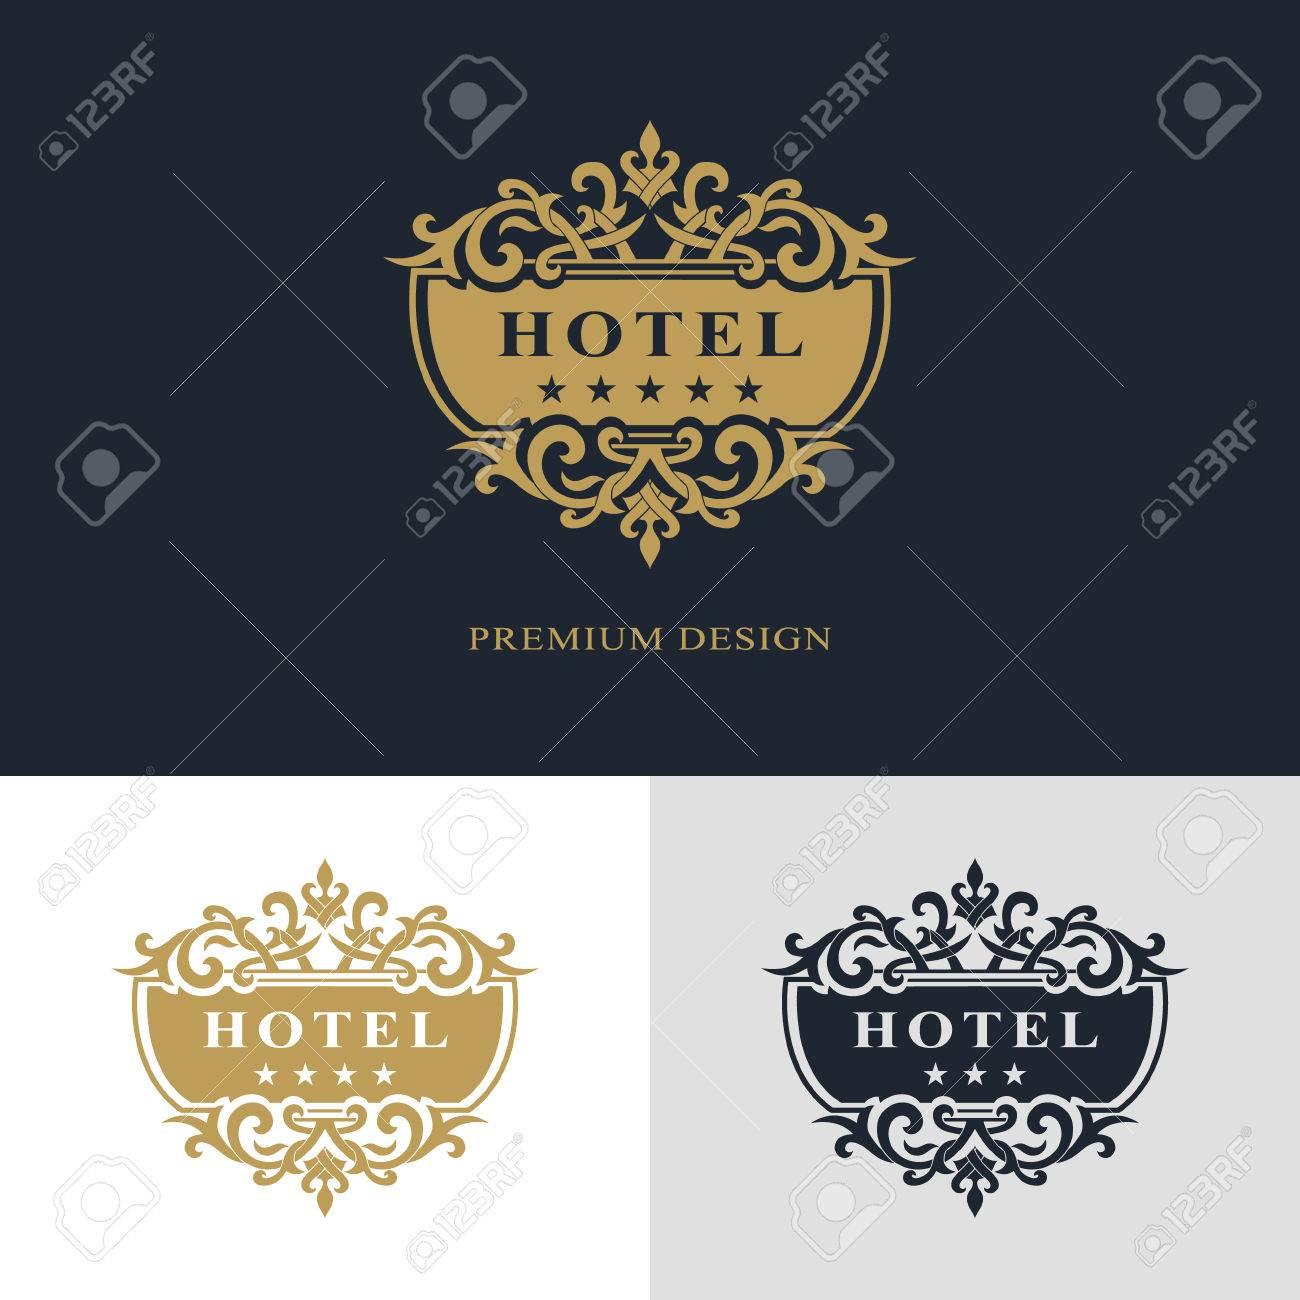 Calligraphique Lgant Art De La Ligne Conception Logo Lettre Signe Lemblme Royaut Carte Visite Boutique Htel Hraldique Bijoux